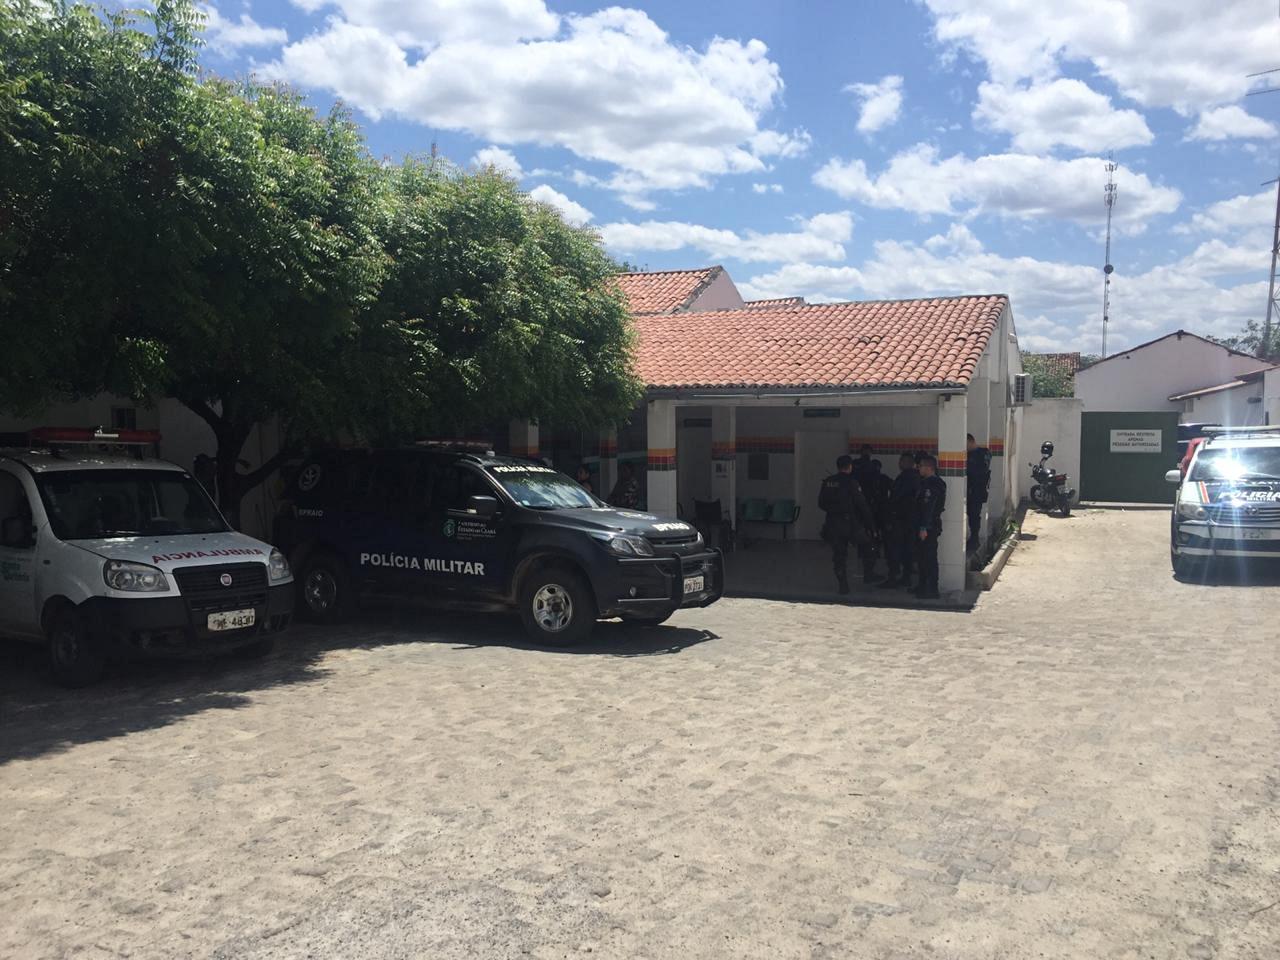 Homem é morto a tiros no bairro Pereiros, em Santa Quitéria